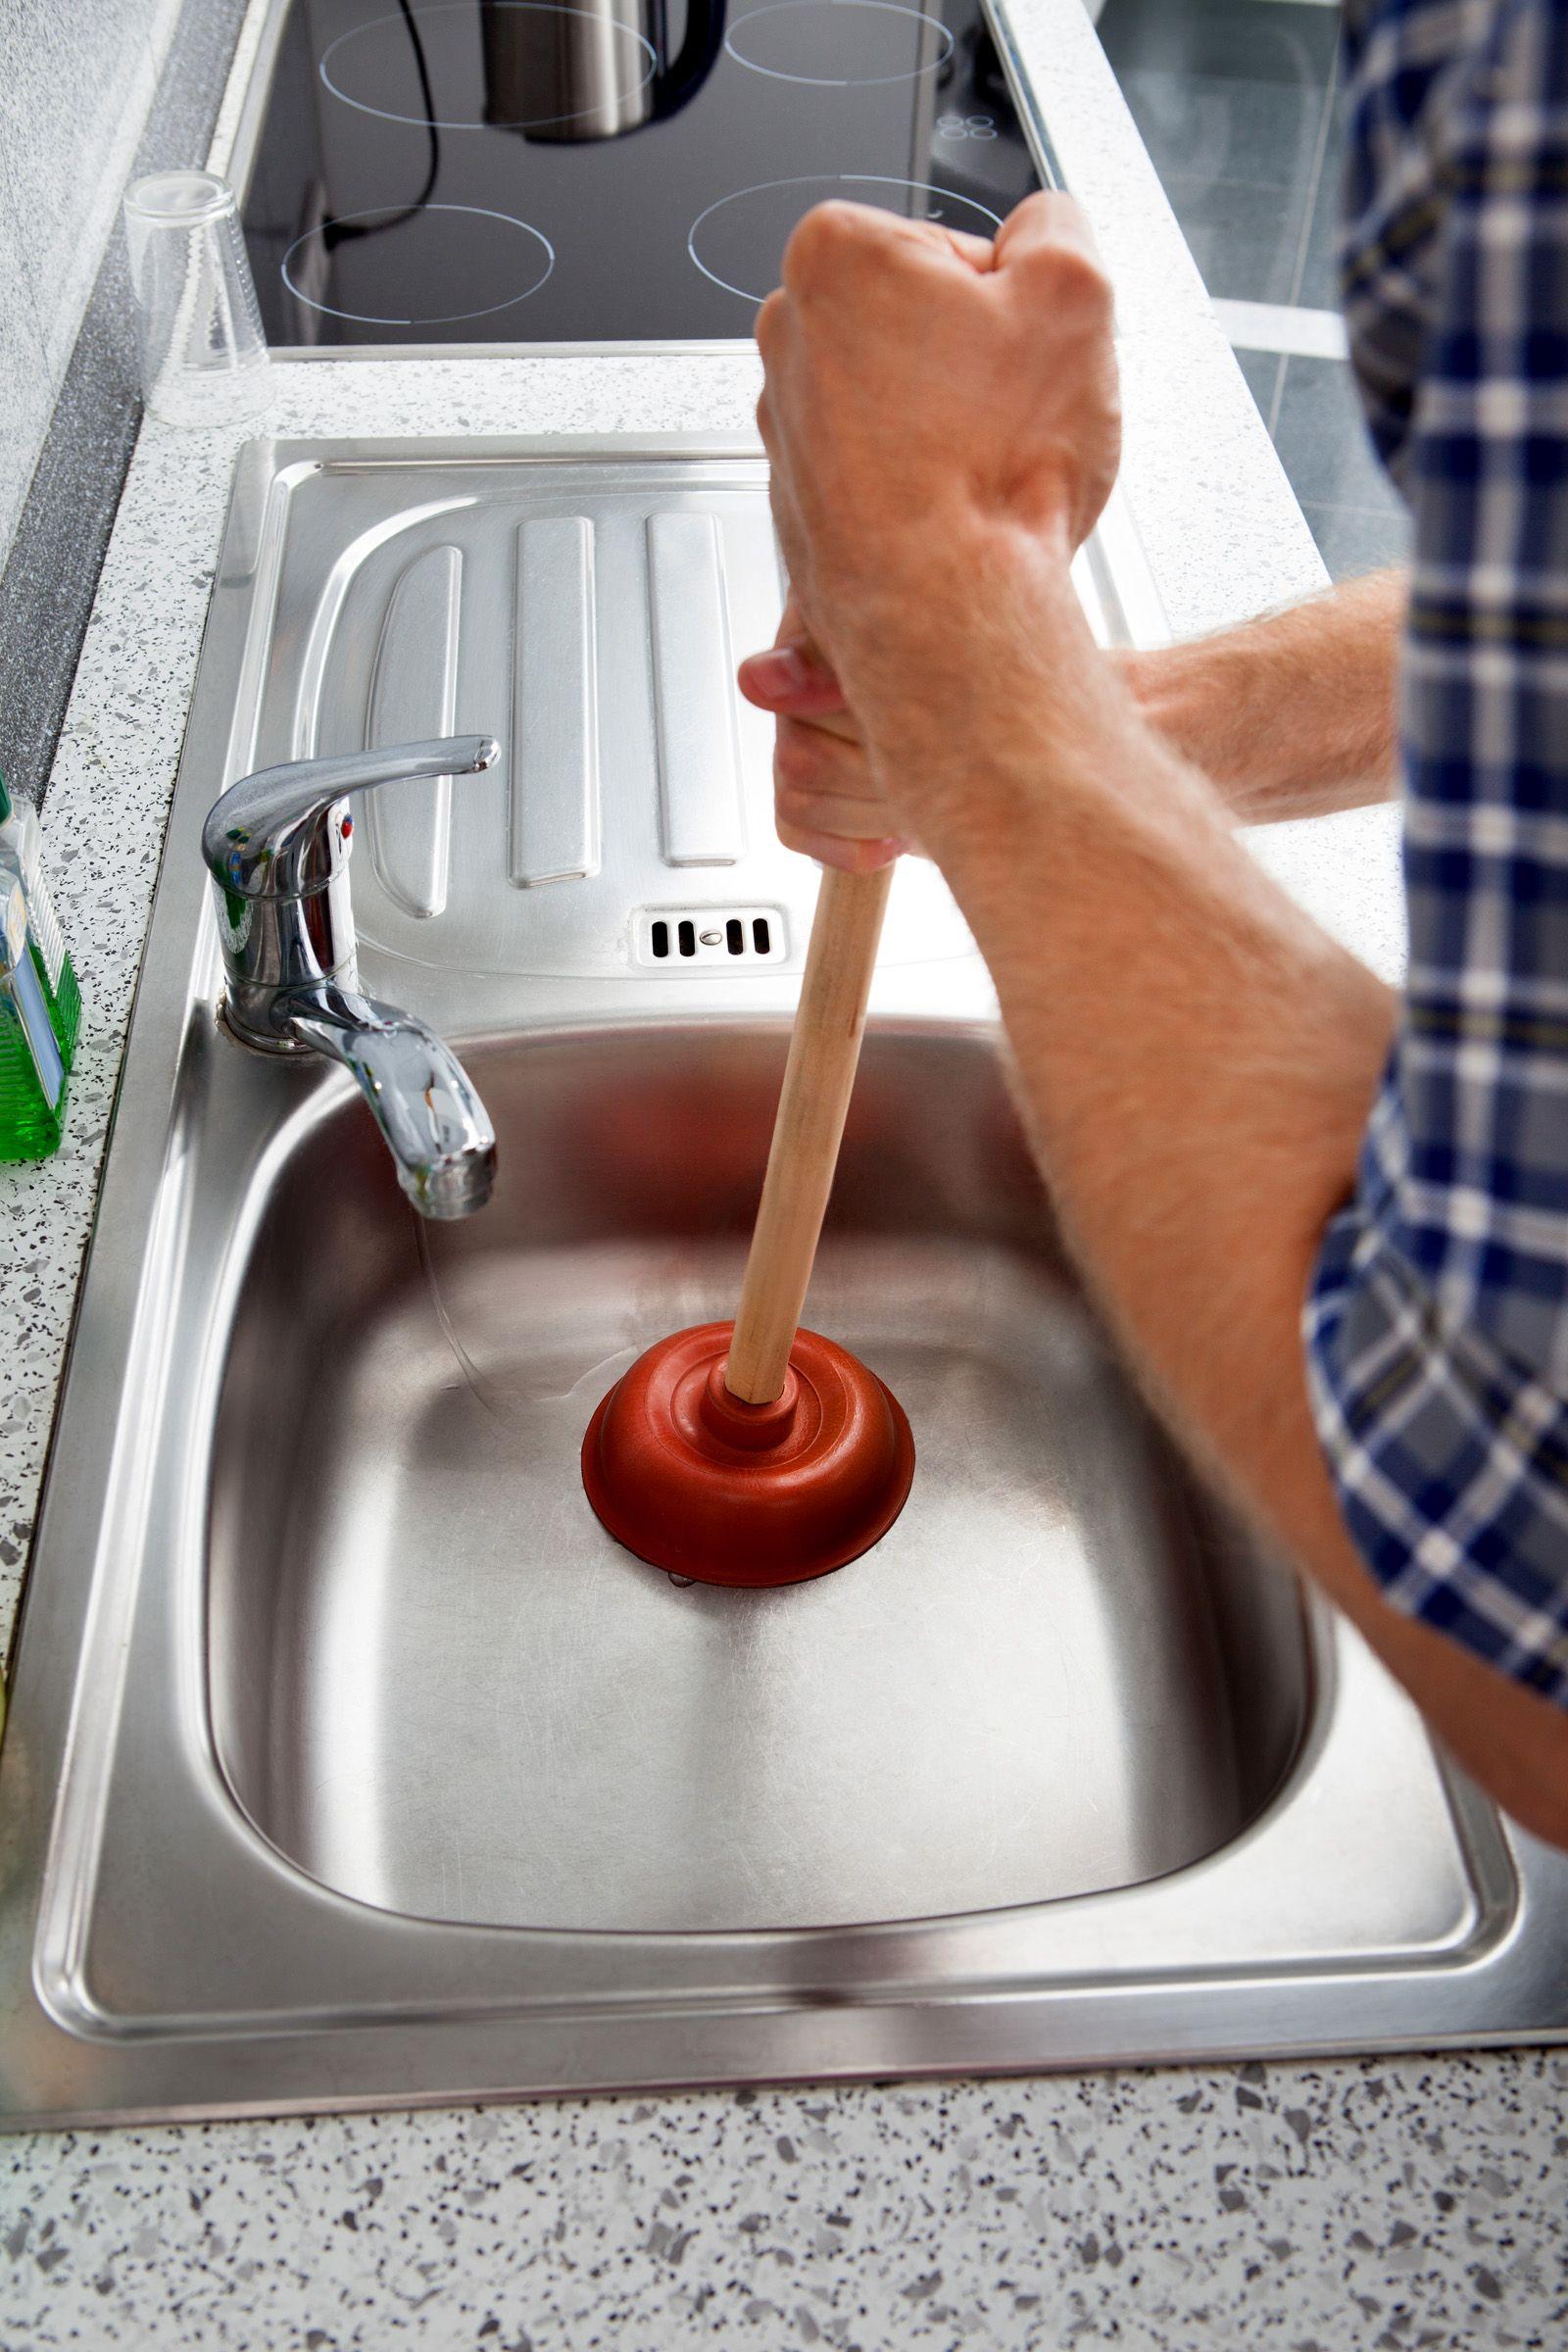 Kuche Abfluss Verstopfen Dies Ist Die Neueste Informationen Auf Die Kuche Waschbecken Backpulver Reinigung Hausmittel